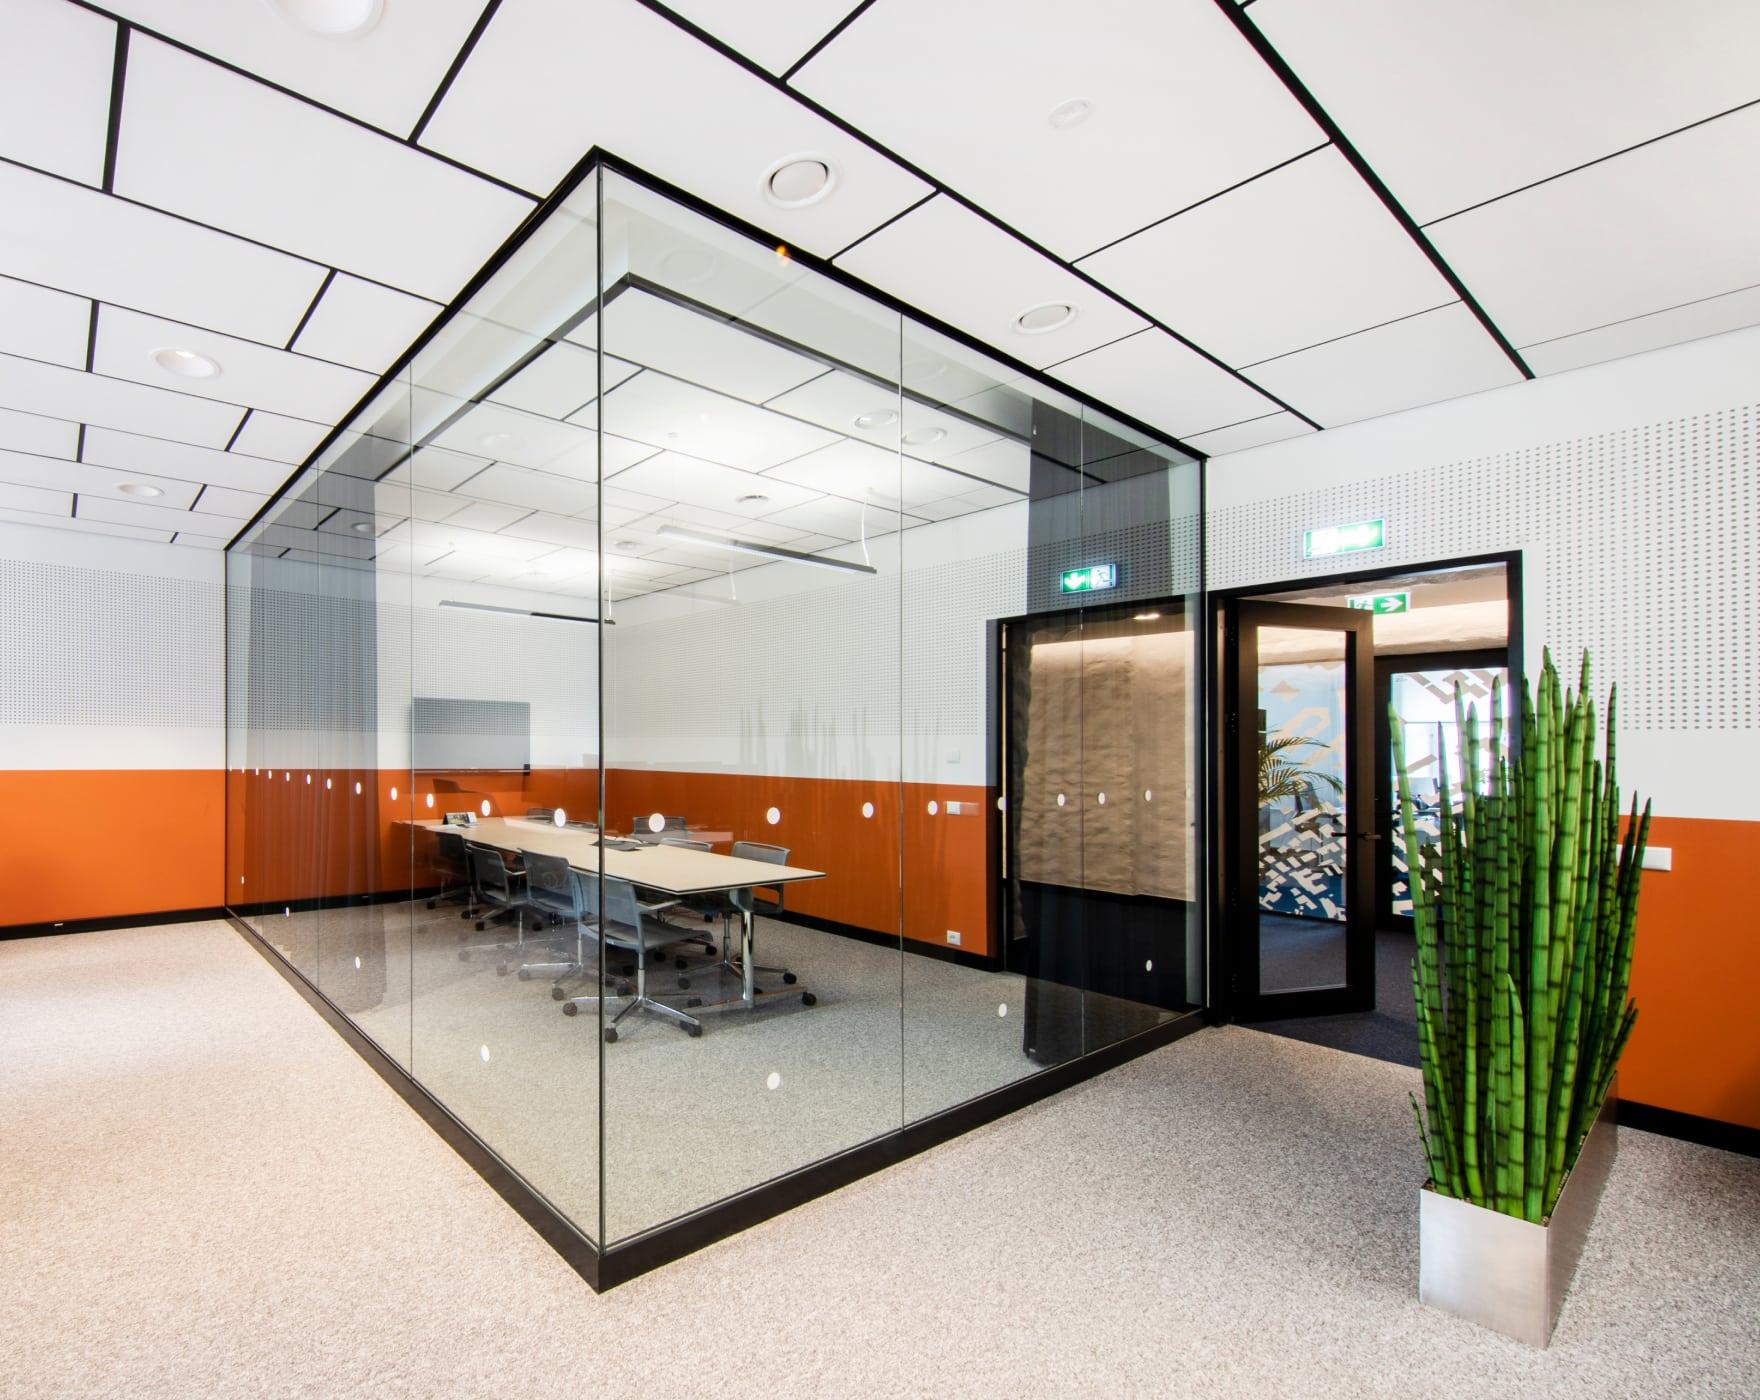 Väike koosolekuruum